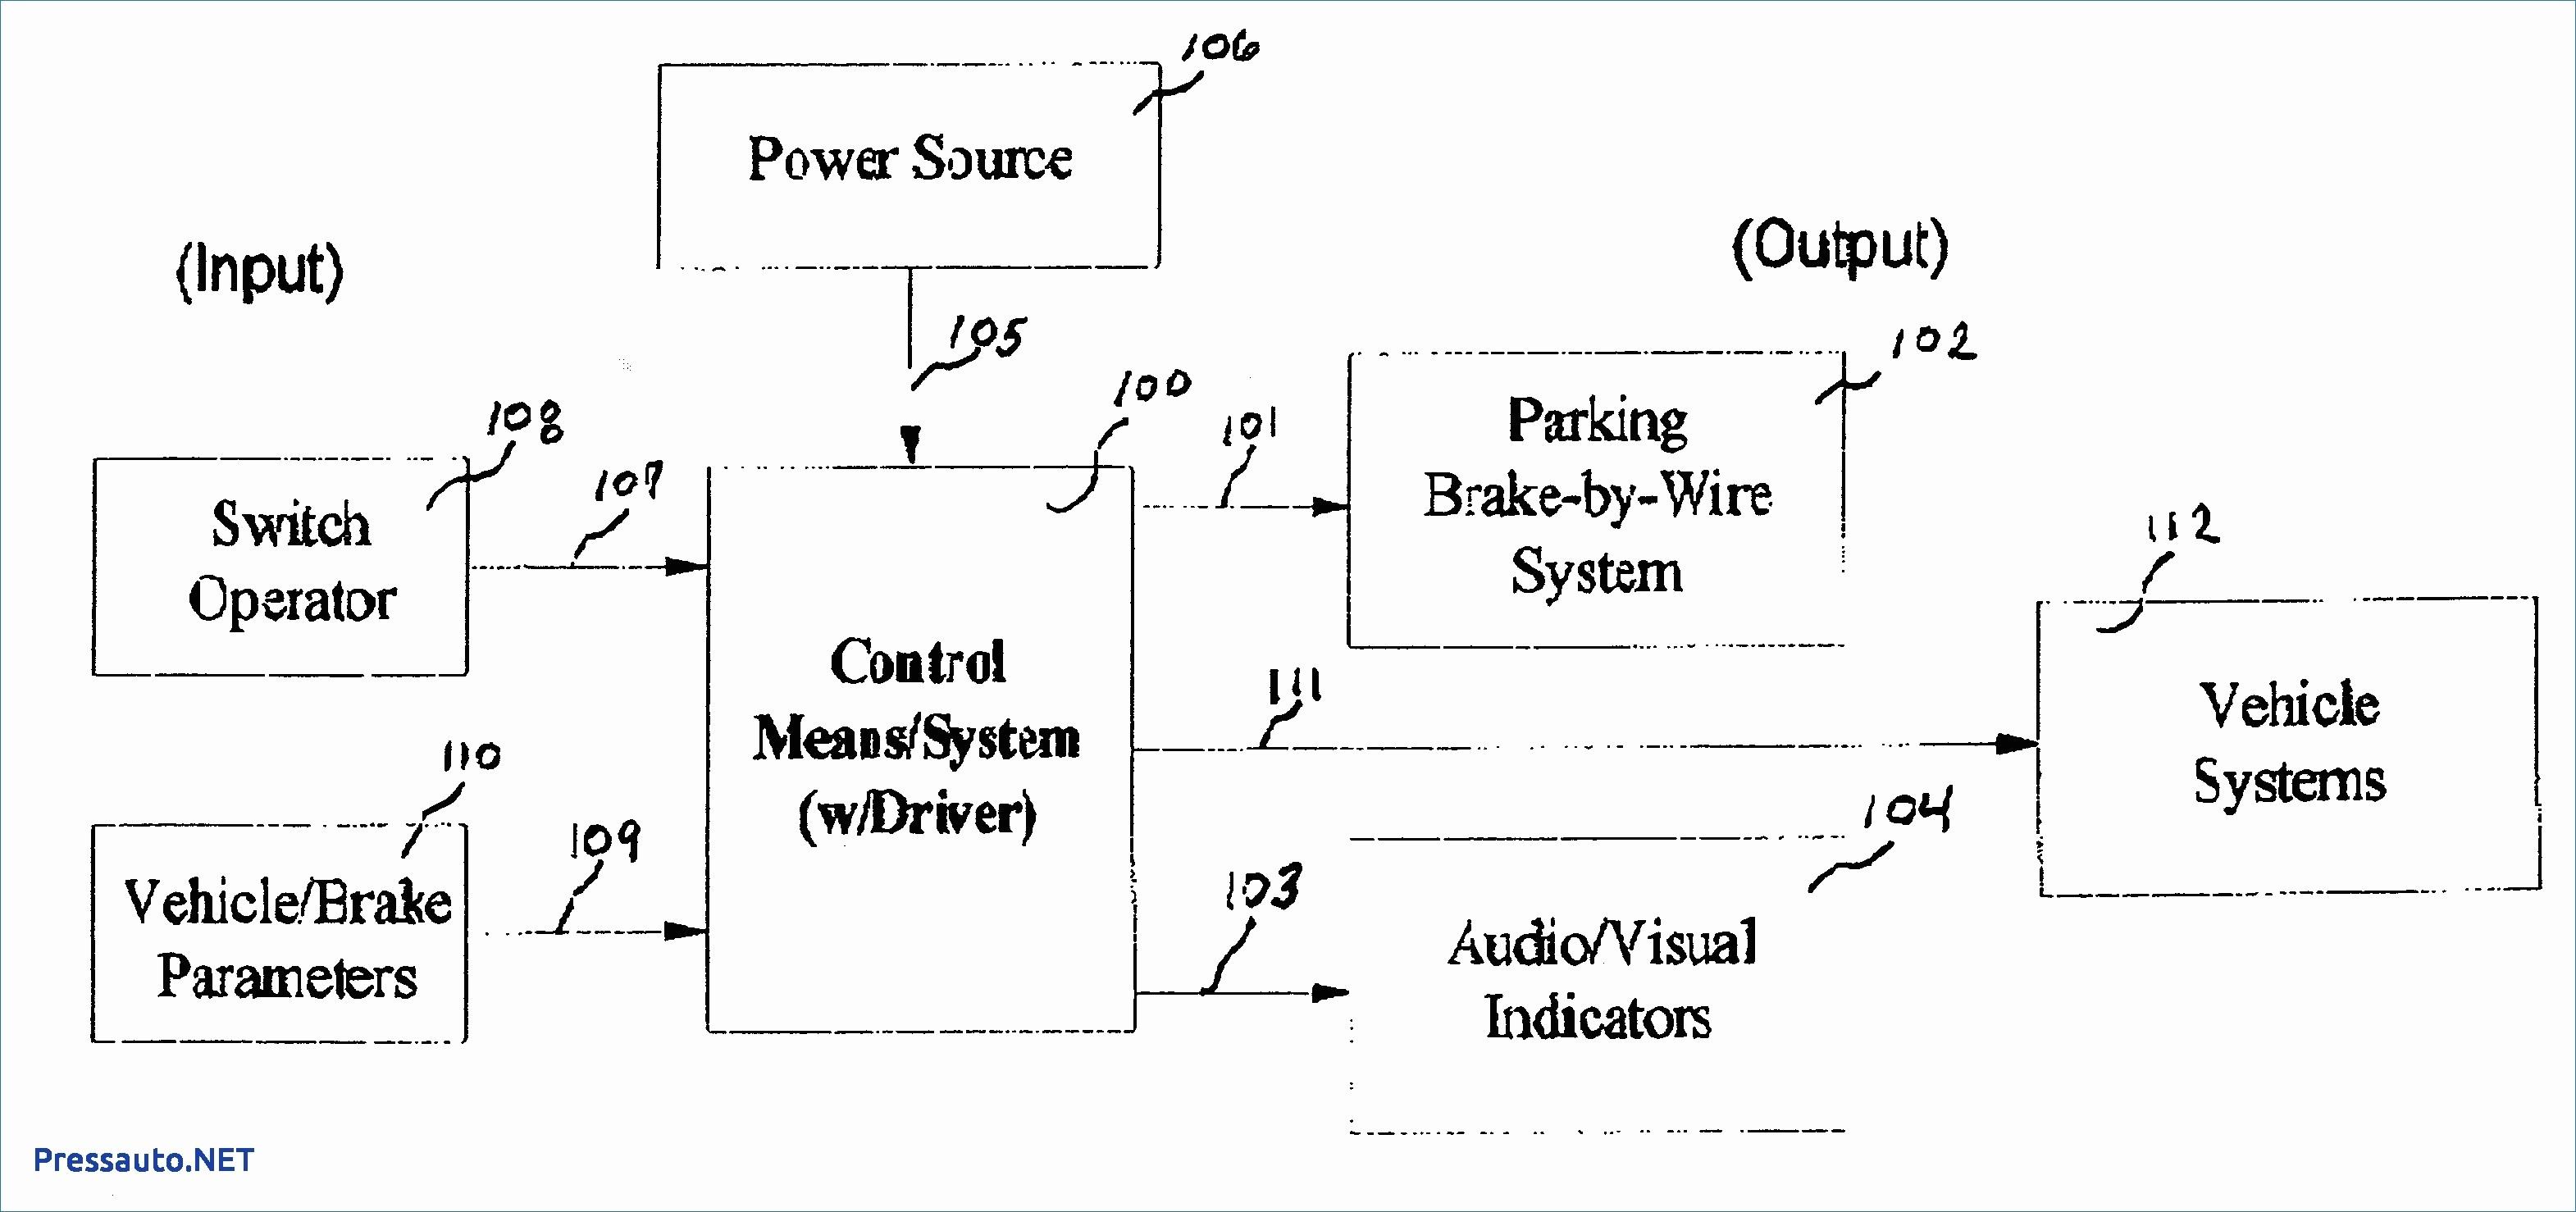 Voyager Backup Camera Wiring - Wiring Diagrams Img - Voyager Backup Camera Wiring Diagram